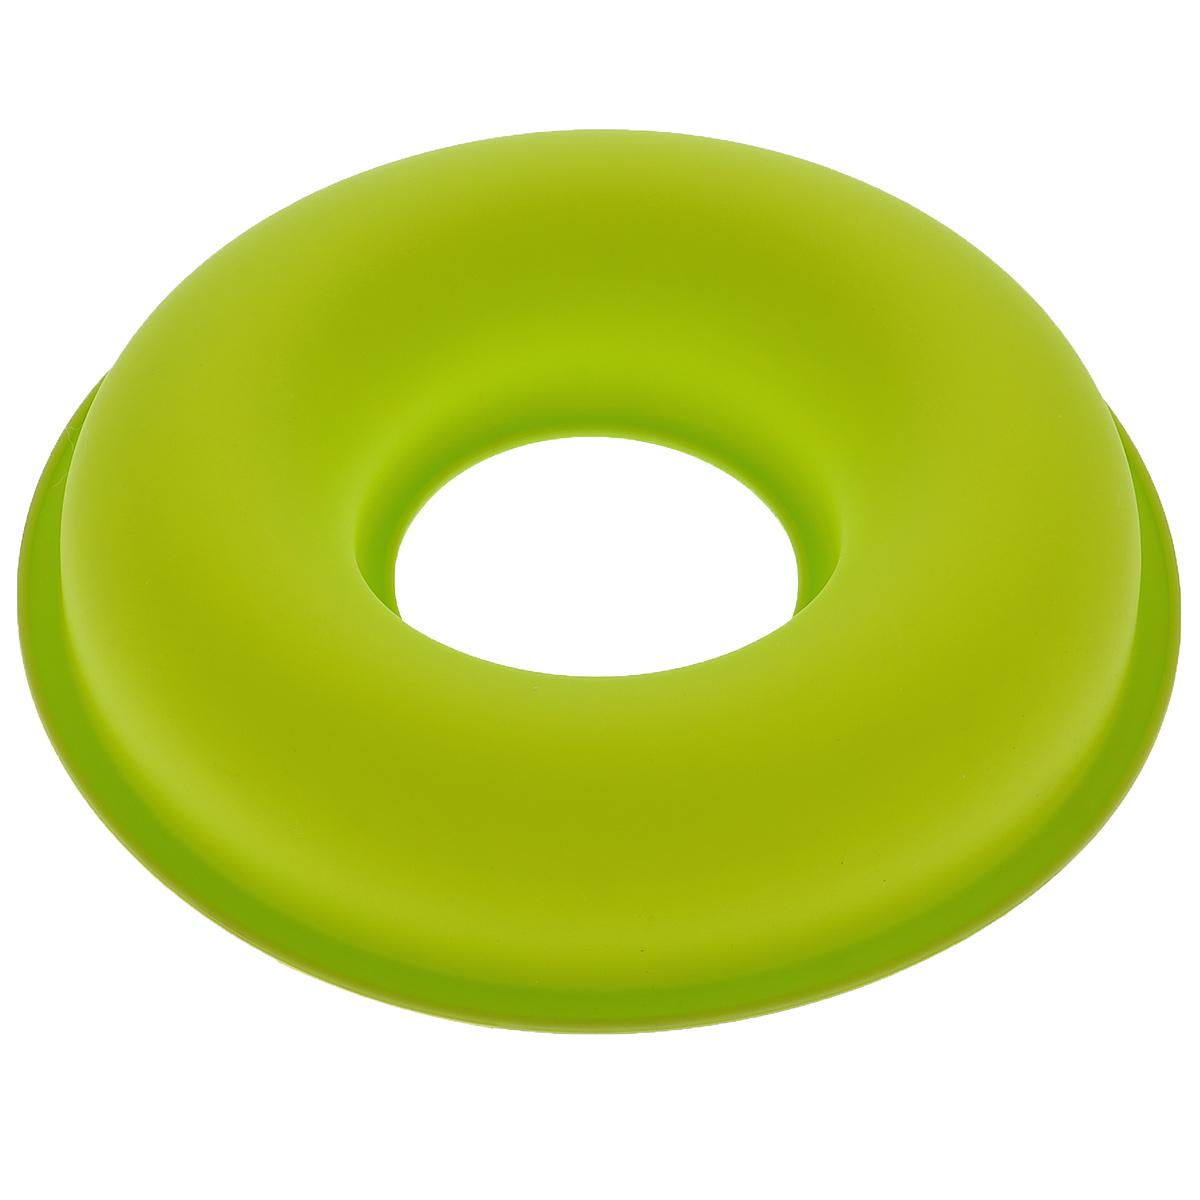 Форма для выпечки Bekker Круг, силиконовая, цвет: салатовый, диаметр 26,5 см391602Форма для выпечки Bekker Круг изготовлена из силикона. Силиконовые формы для выпечки имеют много преимуществ по сравнению с традиционными металлическими формами и противнями. Они идеально подходят для использования в микроволновых, газовых и электрических печах при температурах до +250°С; в случае заморозки до -50°С. Можно мыть в посудомоечной машине. За счет высокой теплопроводности силикона изделия выпекаются заметно быстрее. Благодаря гибкости и антиприлипающим свойствам силикона, готовое изделие легко извлекается из формы. Для этого достаточно отогнуть края и вывернуть форму (выпечке дайте немного остыть, а замороженный продукт лучше вынимать сразу). Силикон абсолютно безвреден для здоровья, не впитывает запахи, не оставляет пятен, легко моется.Форма для выпечки Bekker Круг - практичный и необходимый подарок любой хозяйке!